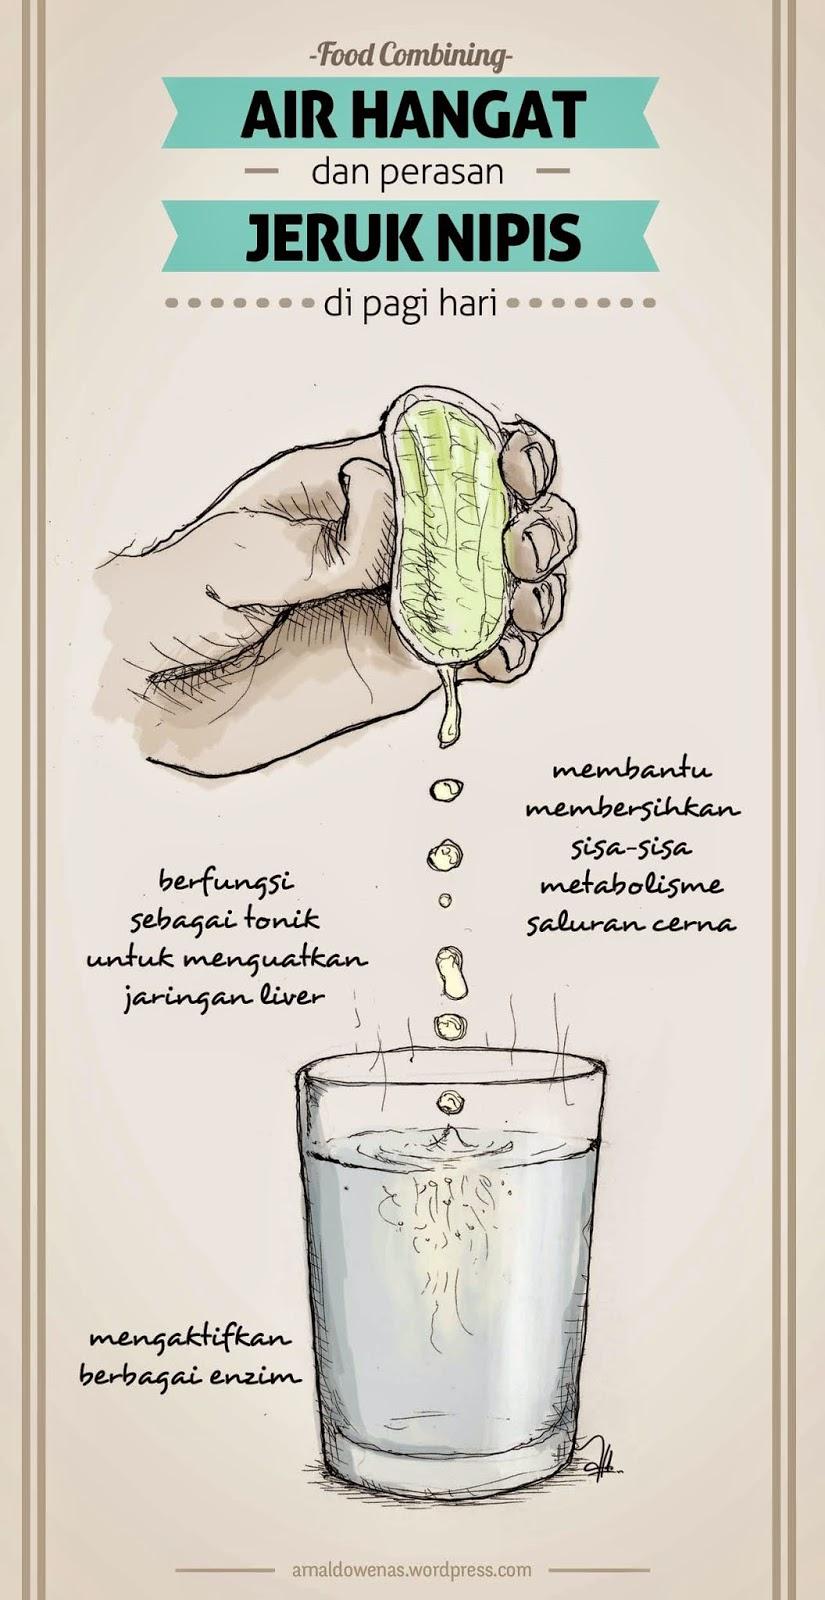 air hangat dan perasan jeruk nipis mengobati maag